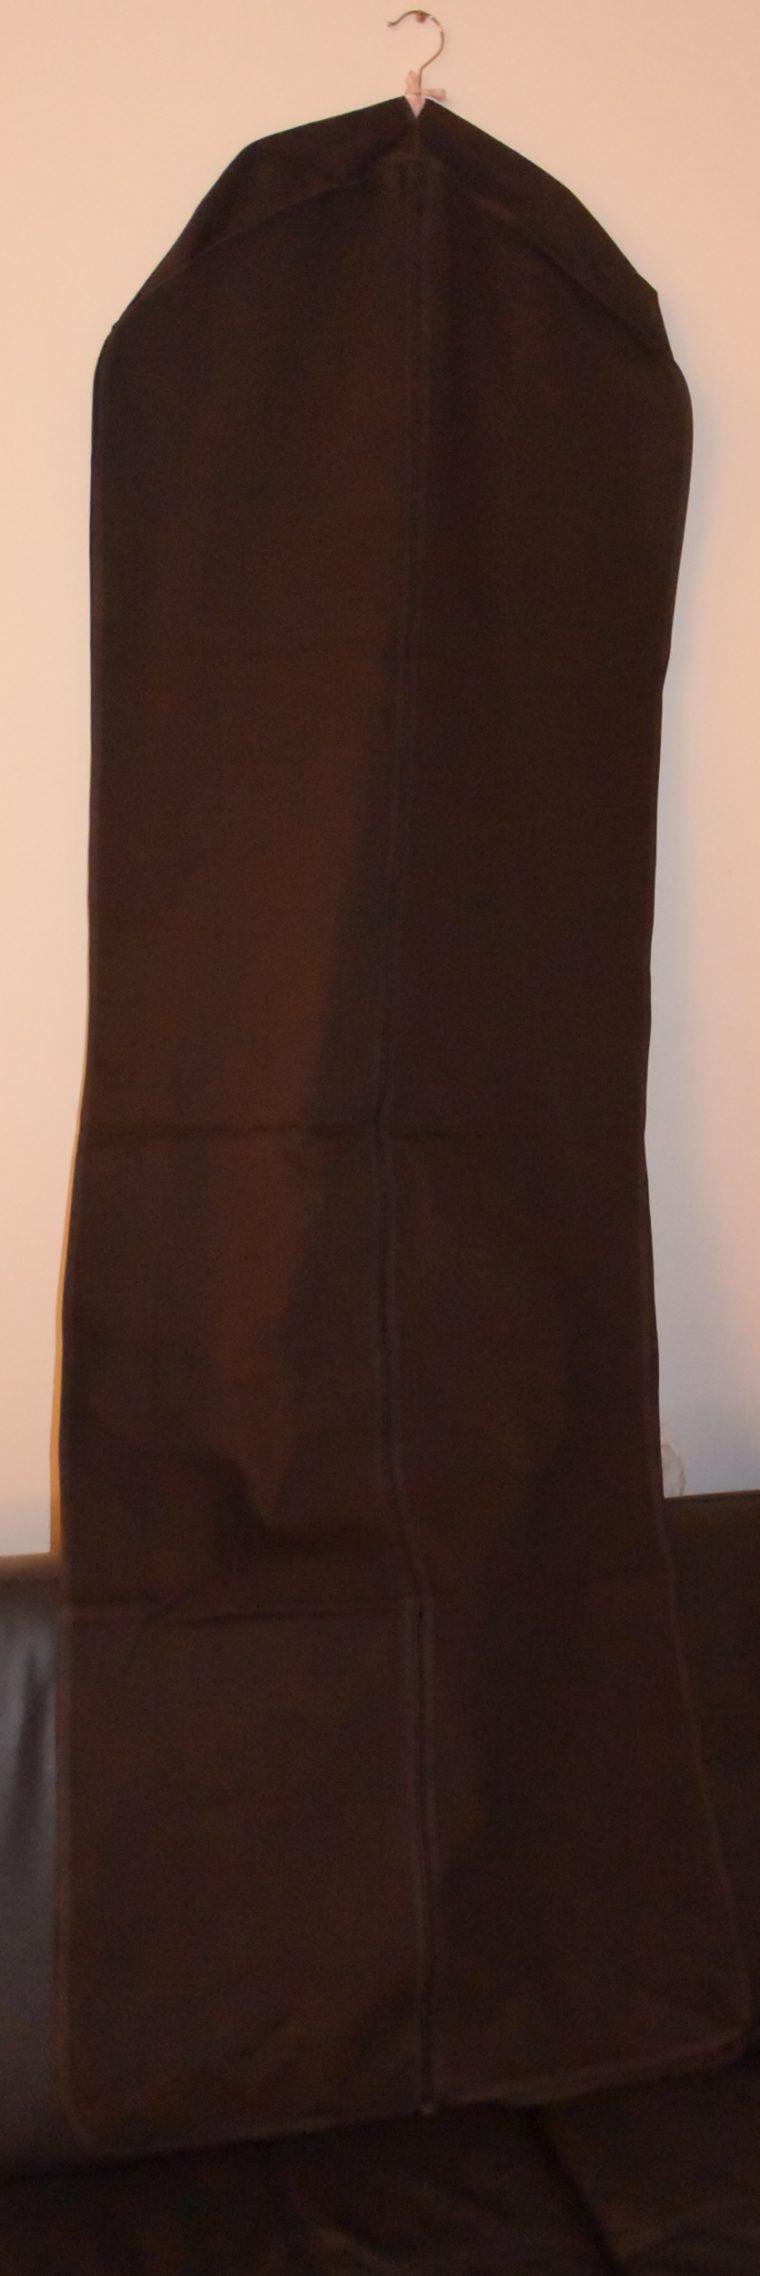 Louis Vuitton Kleidersack braun Stoff lang-9932